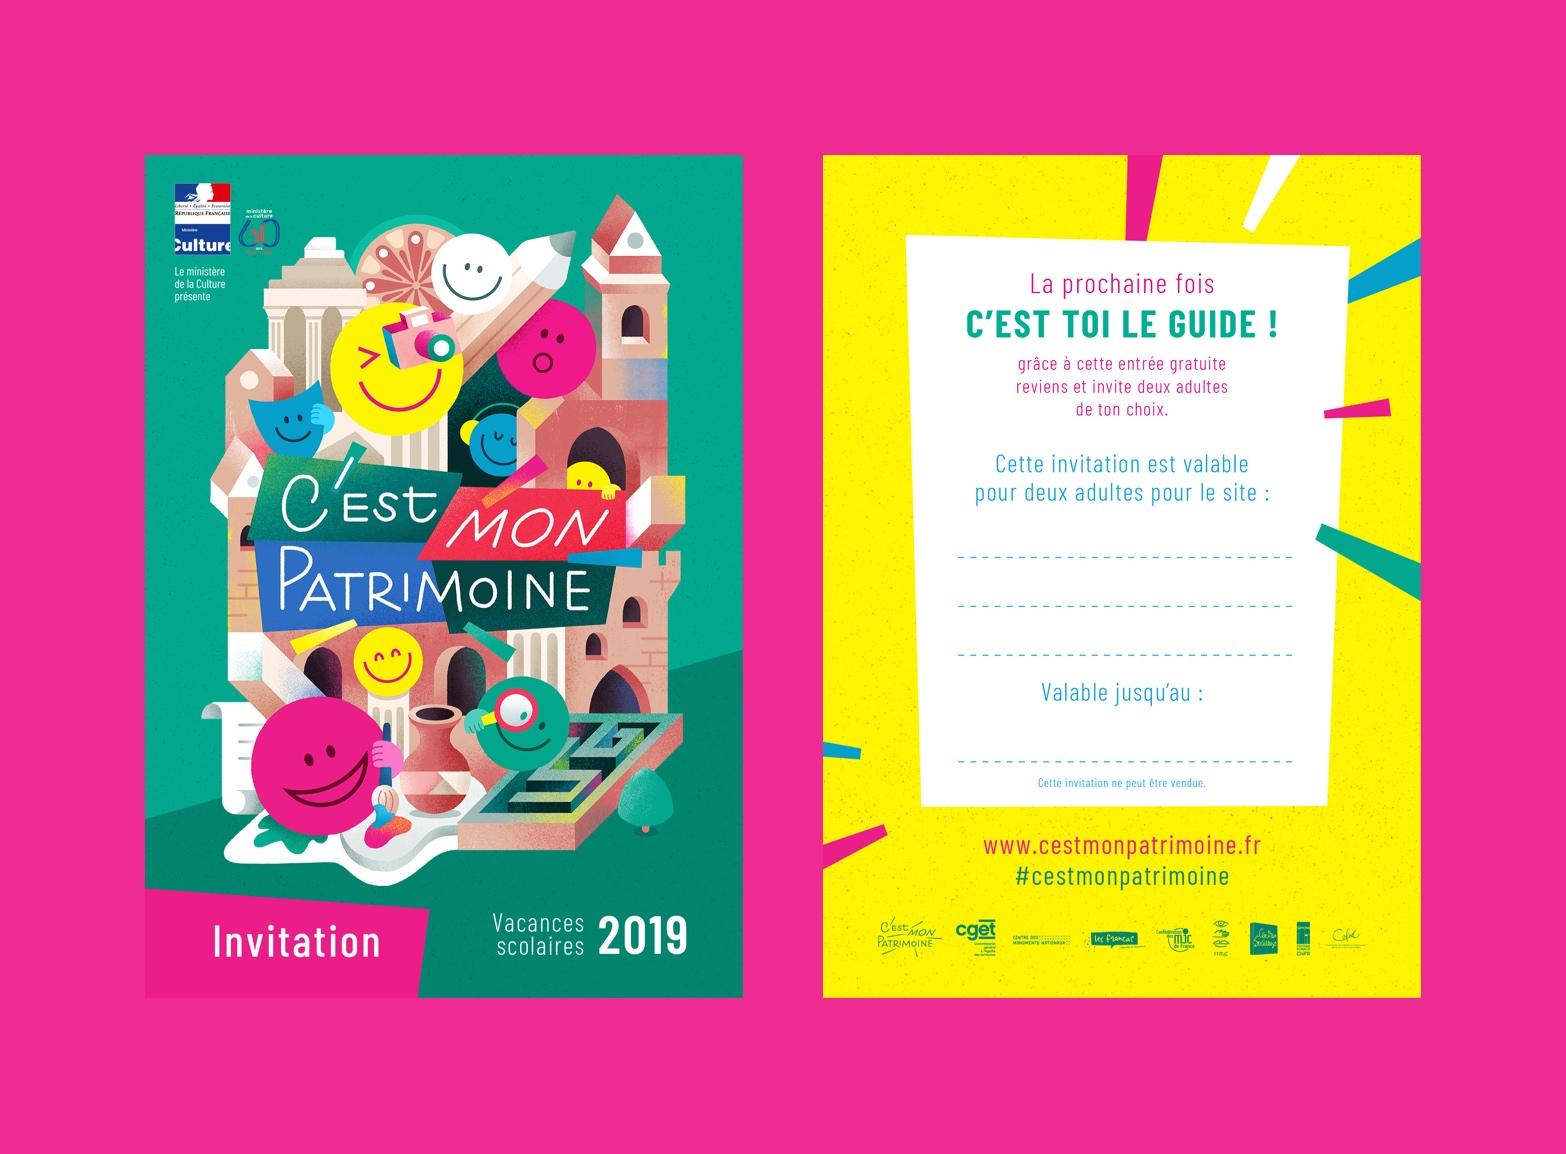 icimathieu-illustrateur-mathieu-clauss-cestmonpatrimoine3